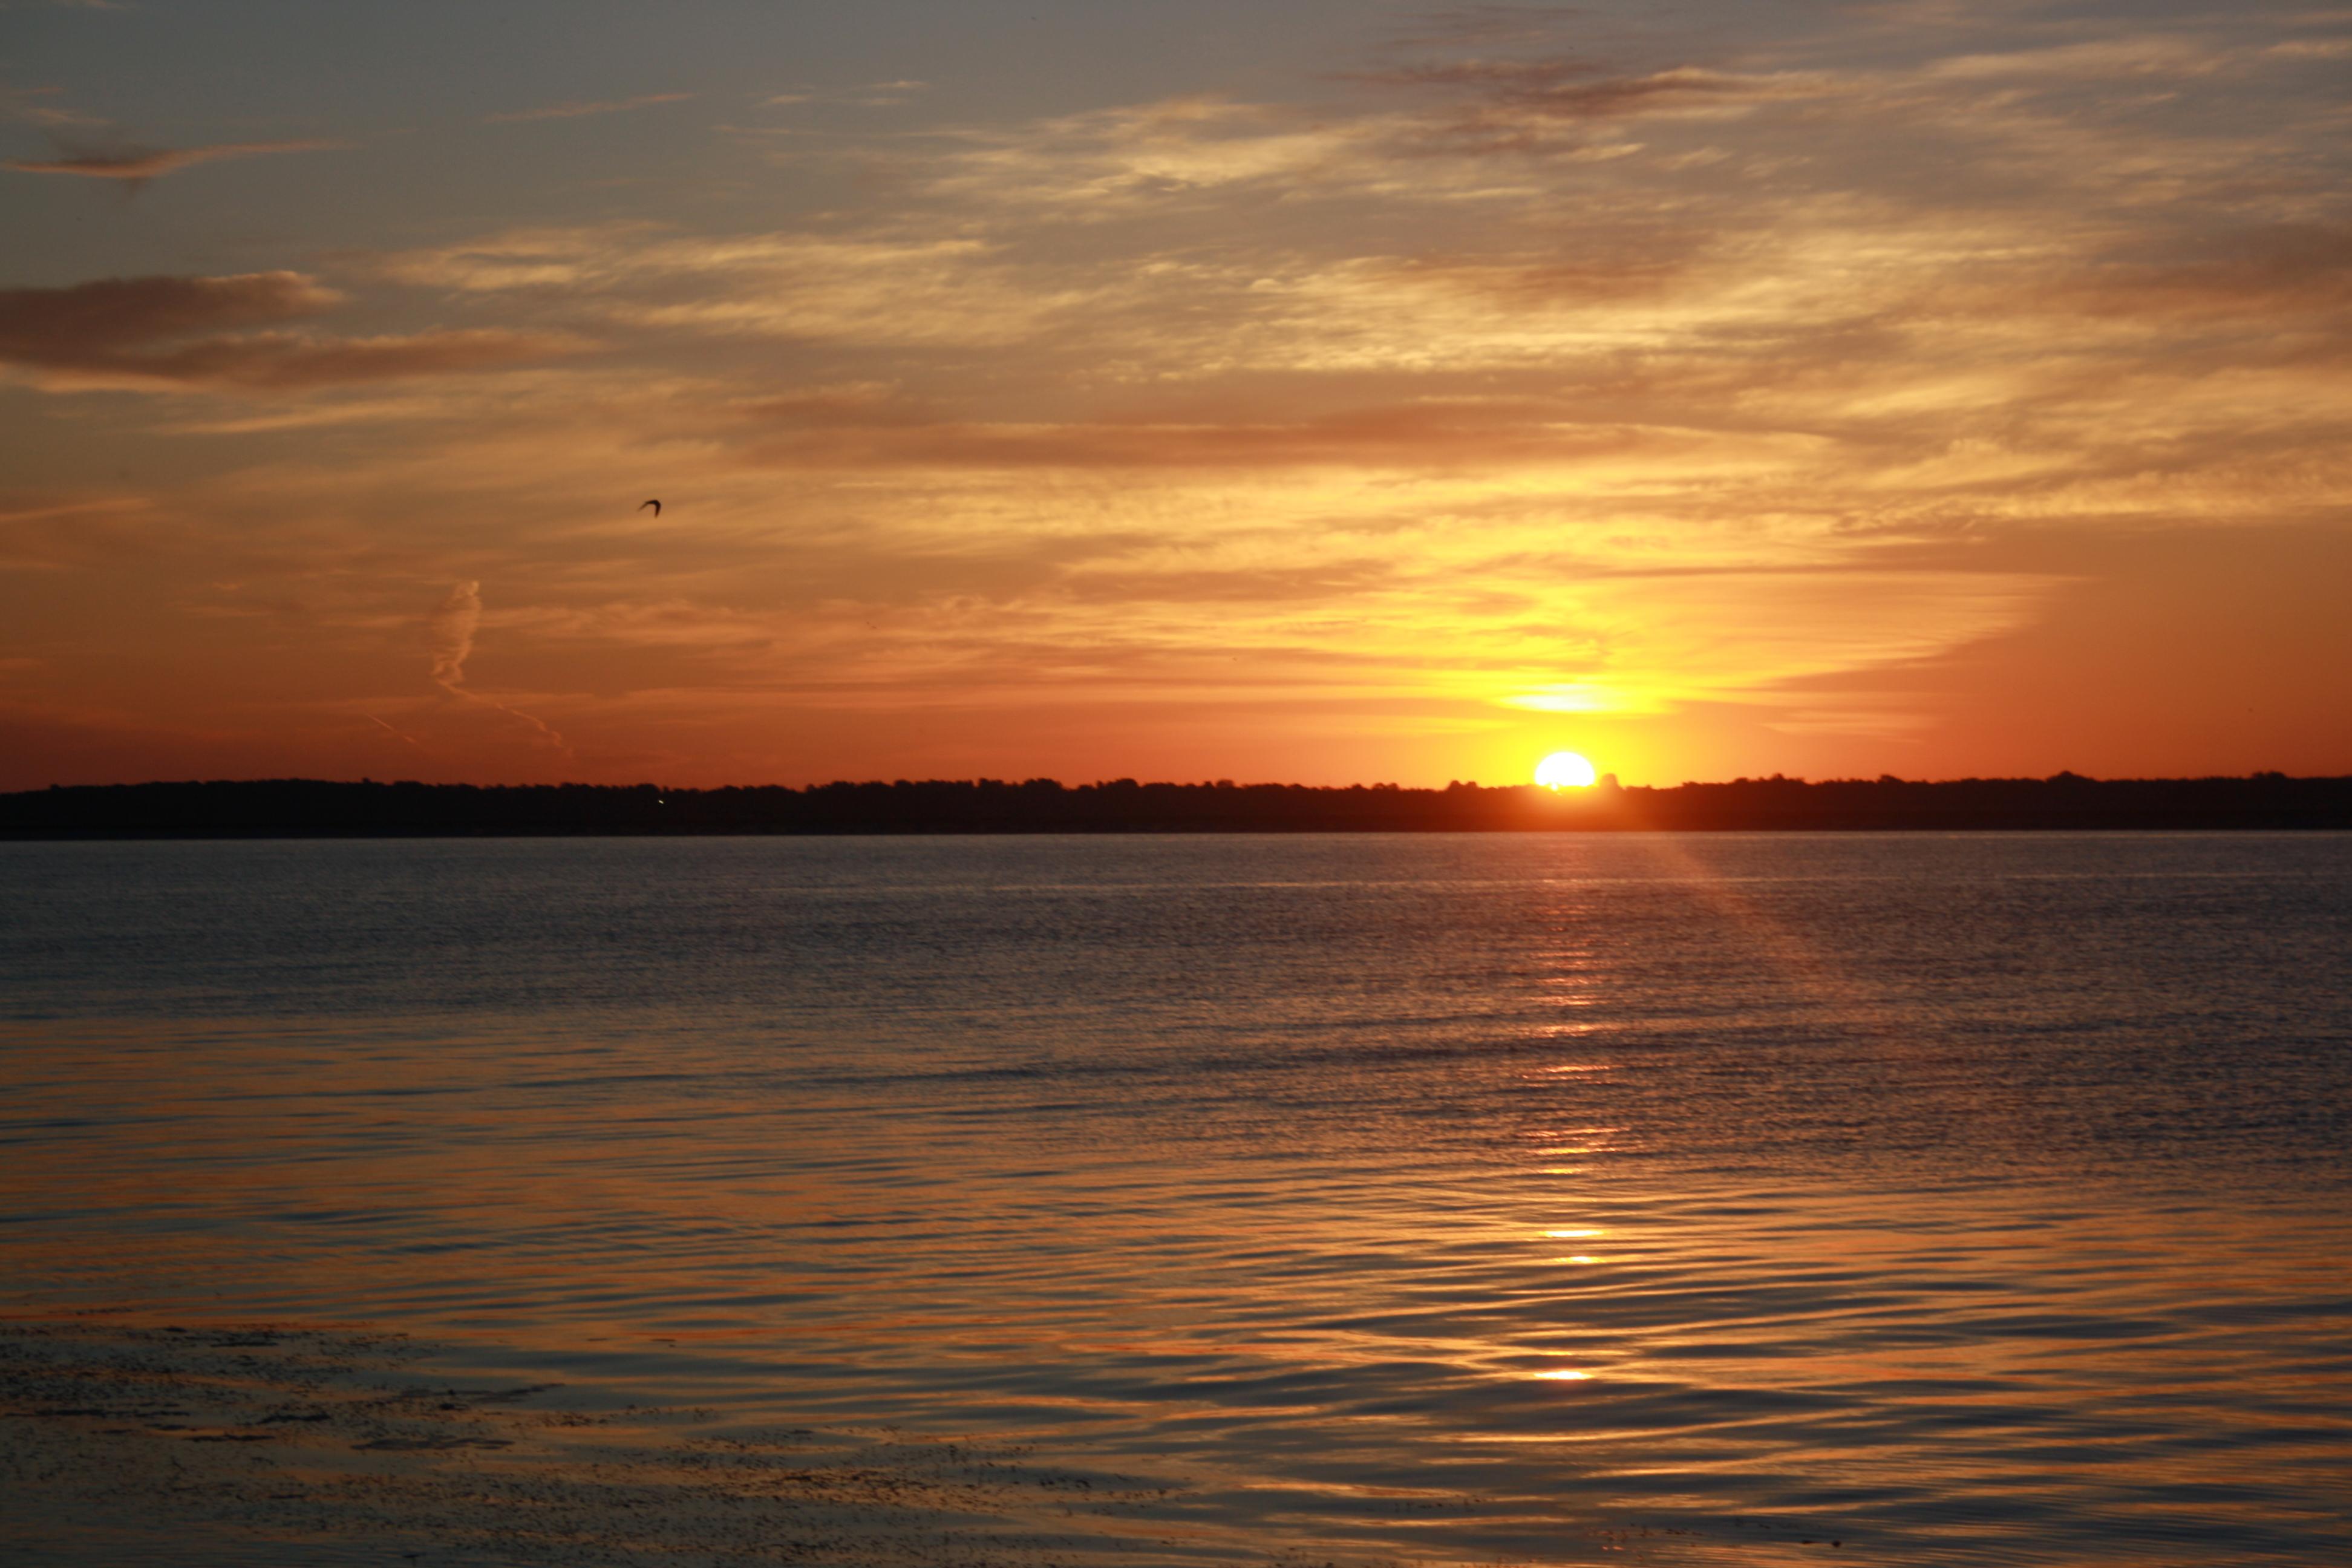 Киевское море. Одно из лучших мест, где в тишине и спокойствии можно встречать рассветы